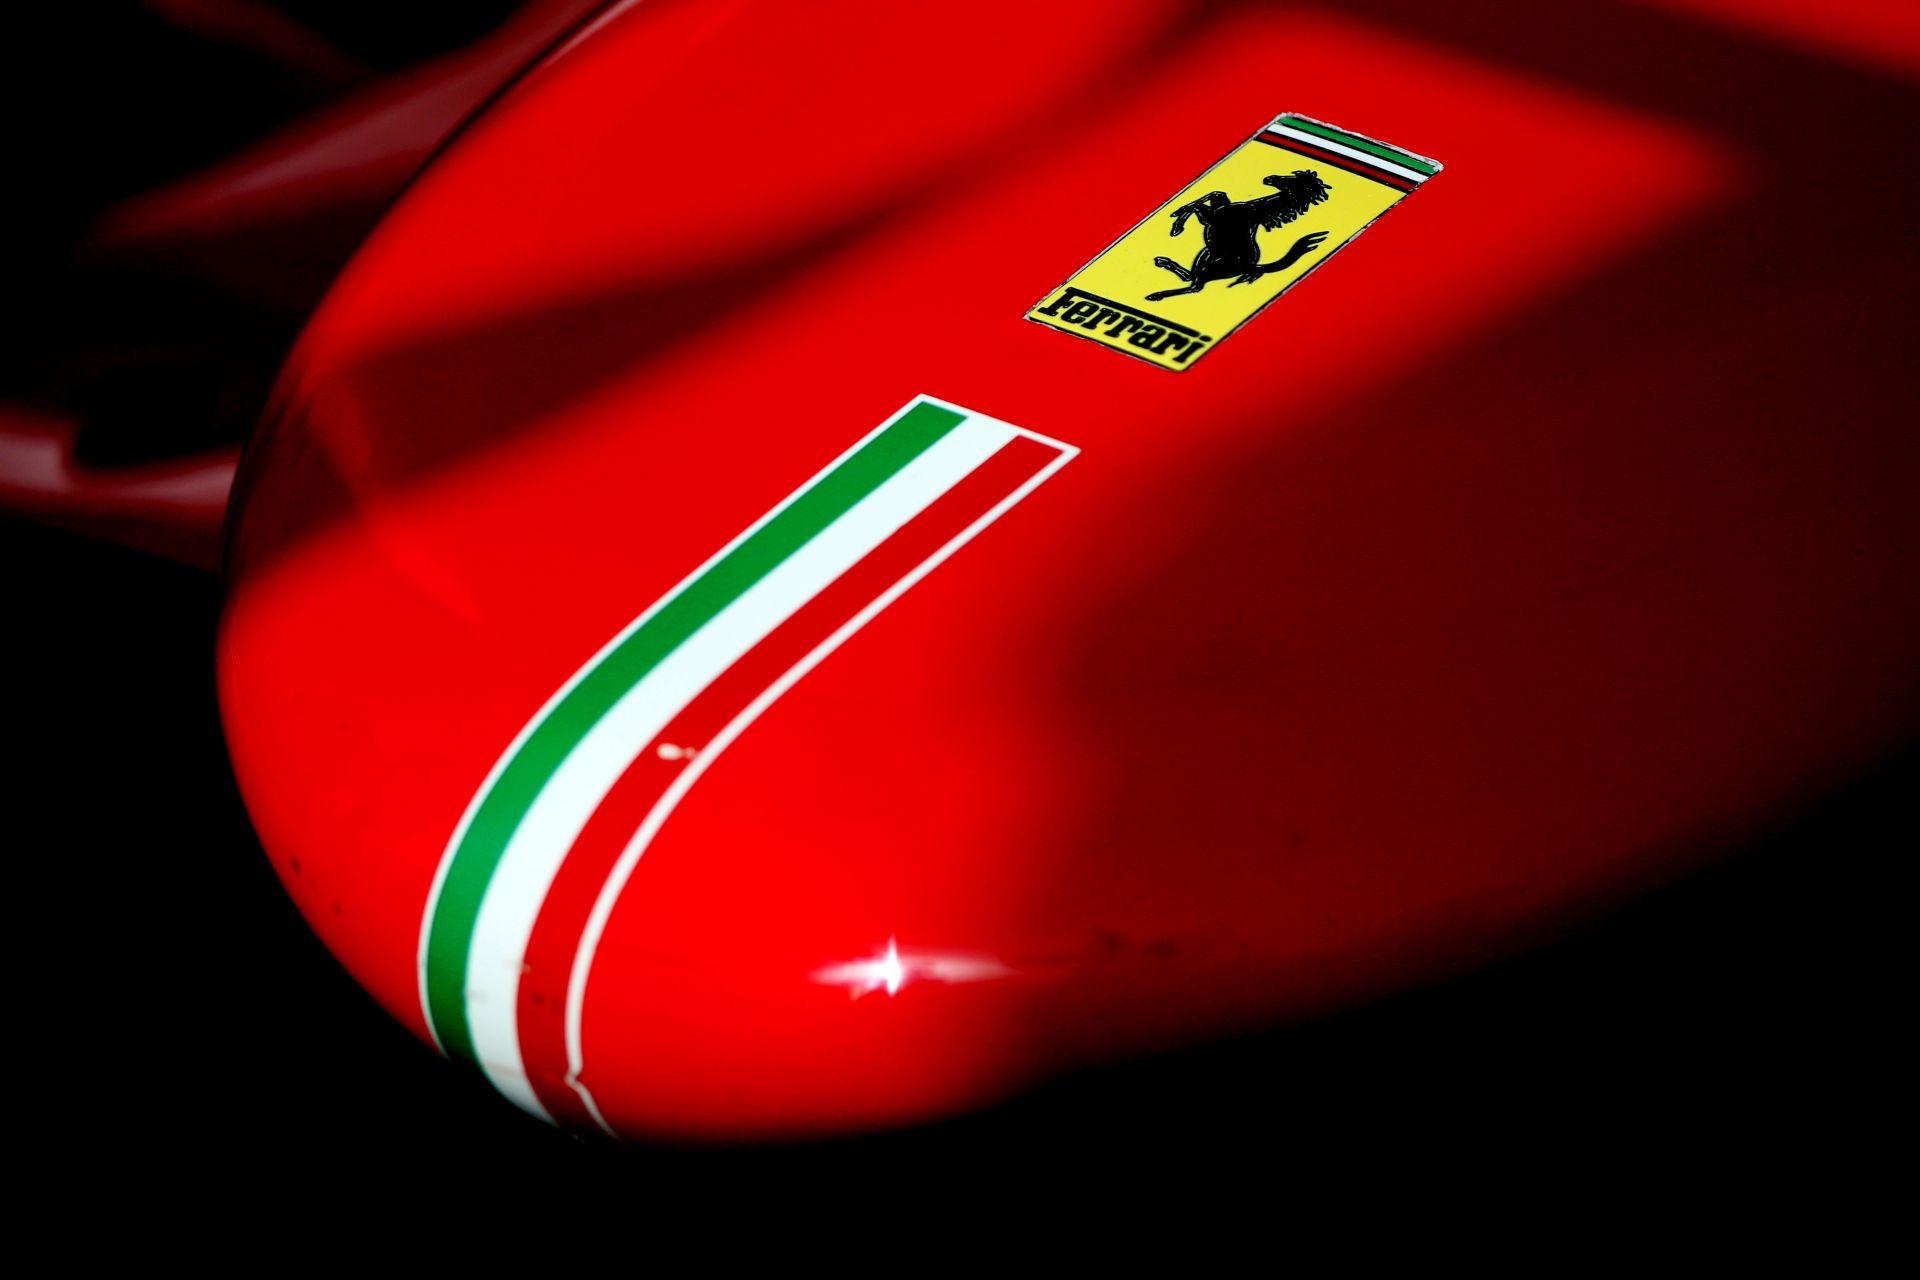 Ferrari: Vissza akarjuk kapni a Forma-1-et! Most kell lépnünk, különben vége lehet a dalnak!